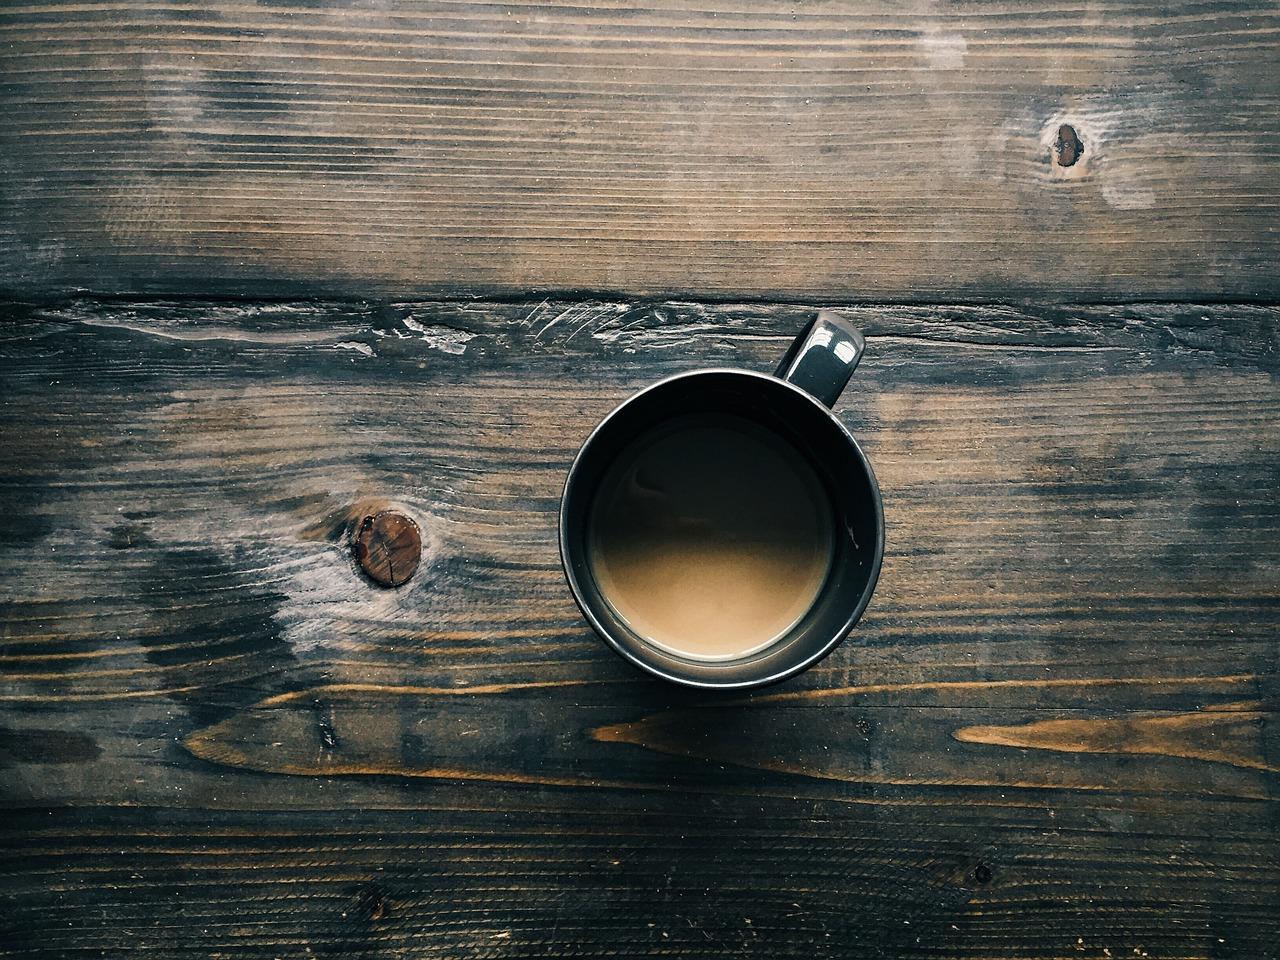 Guter Rat beim Einkauf für Kaffeebohnen